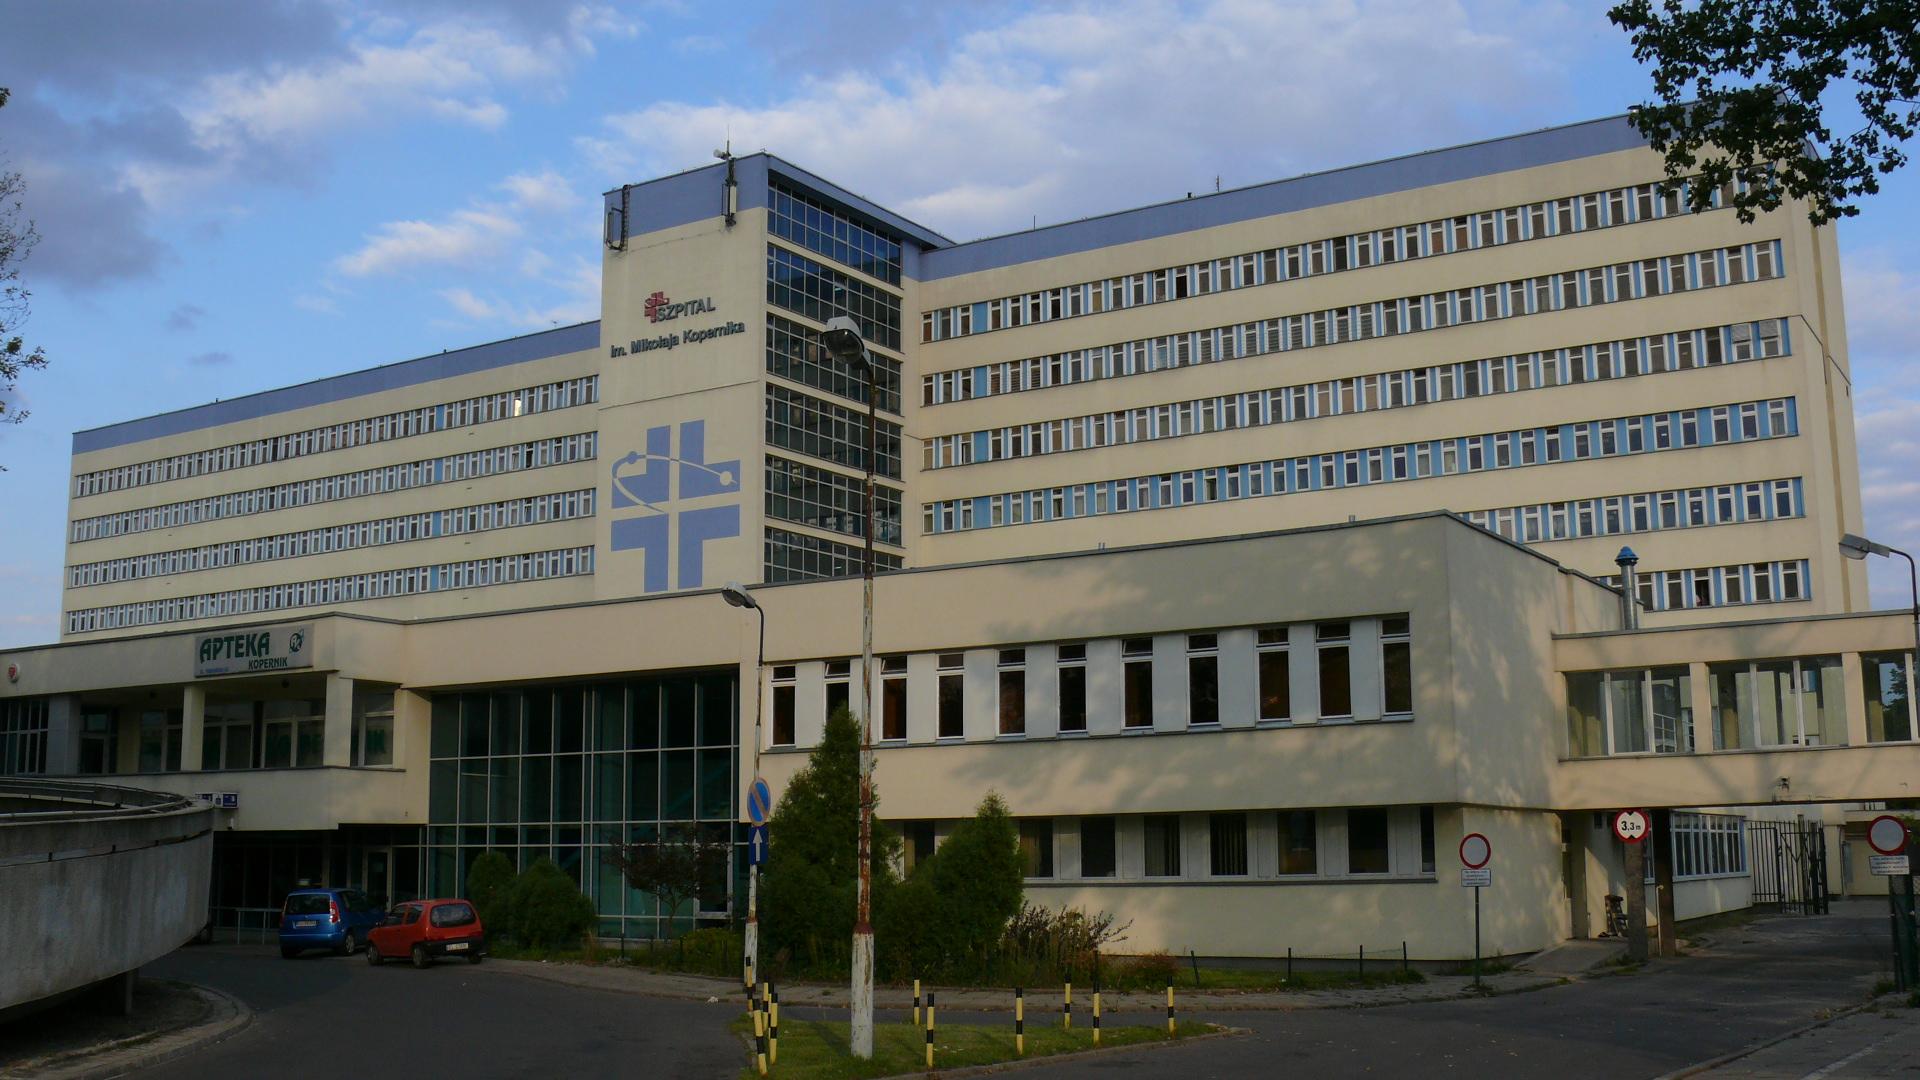 Wojewódzki Szpital Specjalistyczny im. M. Kopernika